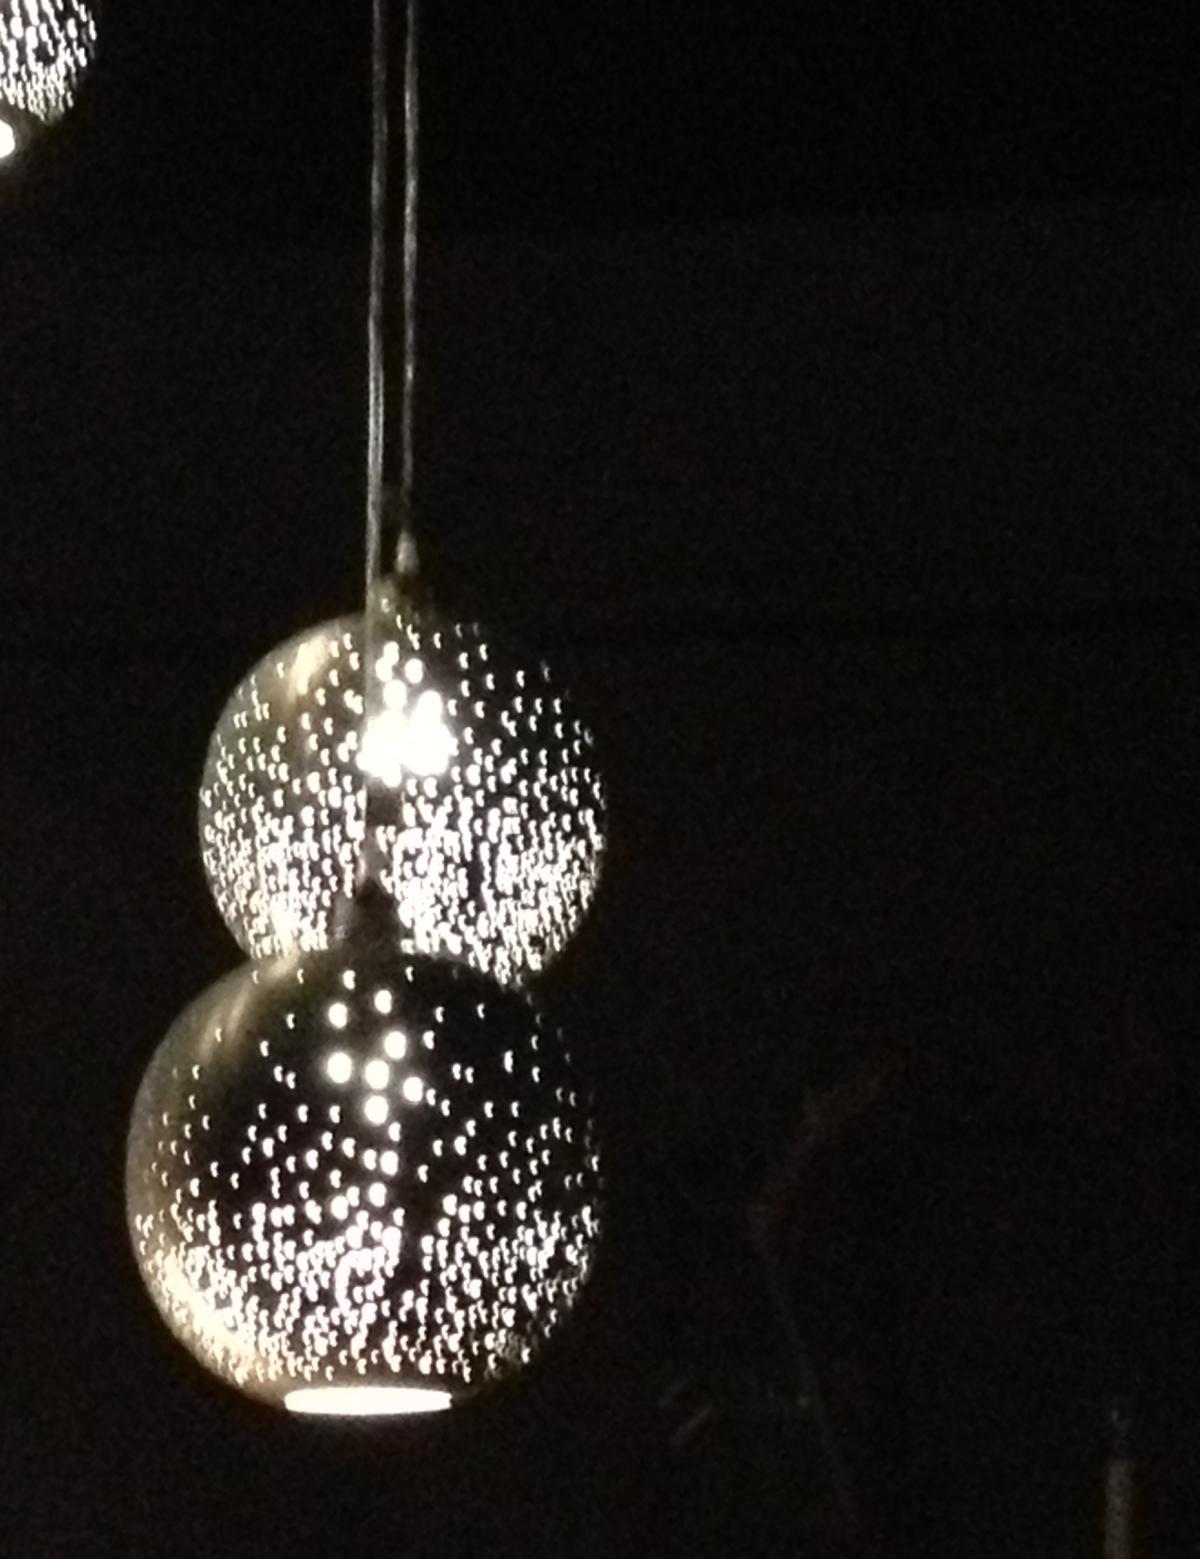 constellation lights - great mood lighting